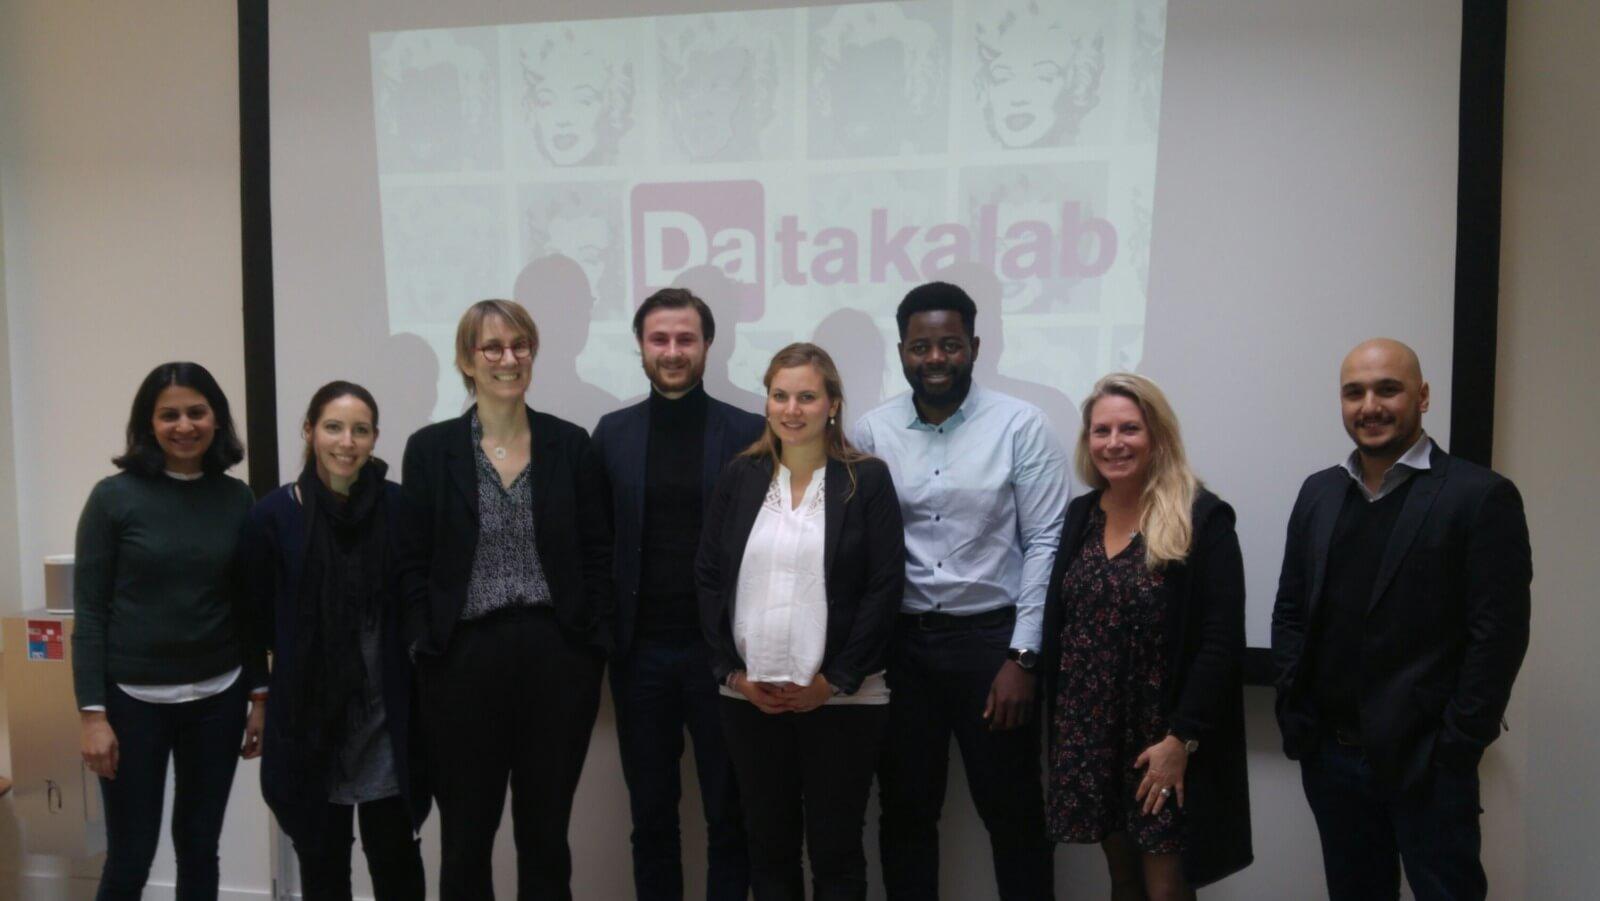 #ATELIER : Présentation de Datakalab, laboratoire conseil en neuromarketing